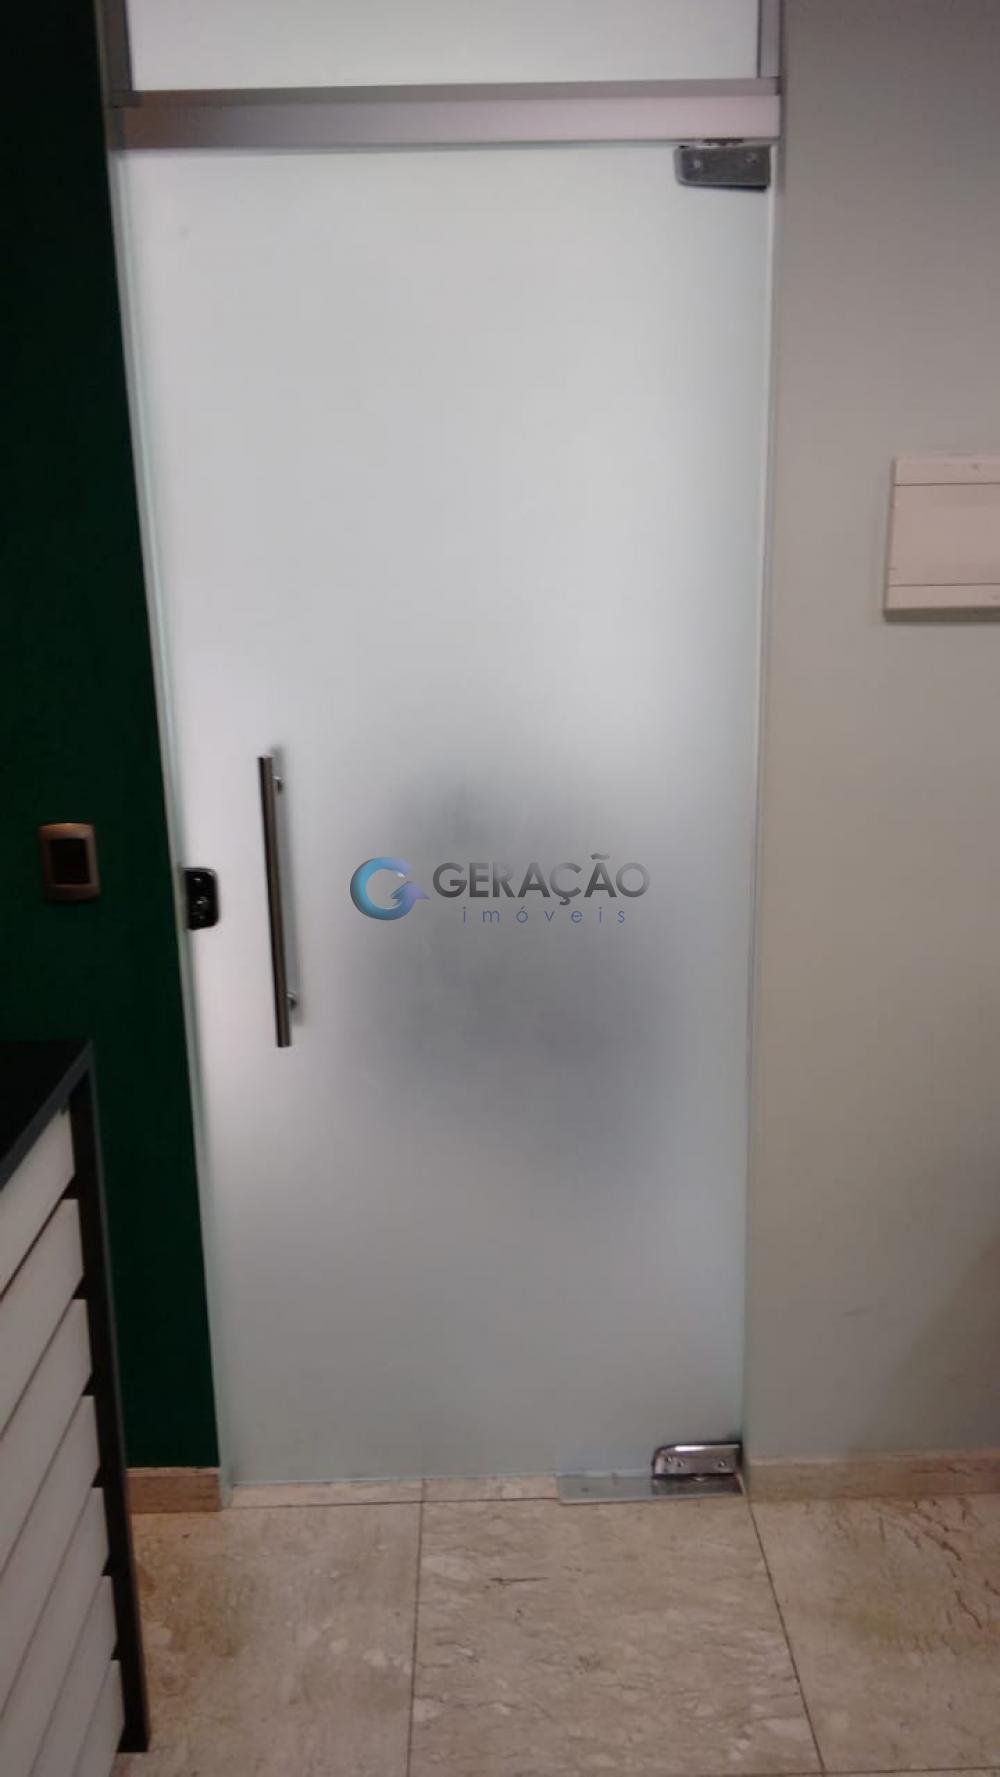 Alugar Comercial / Sala em Condomínio em São José dos Campos R$ 5.000,00 - Foto 5